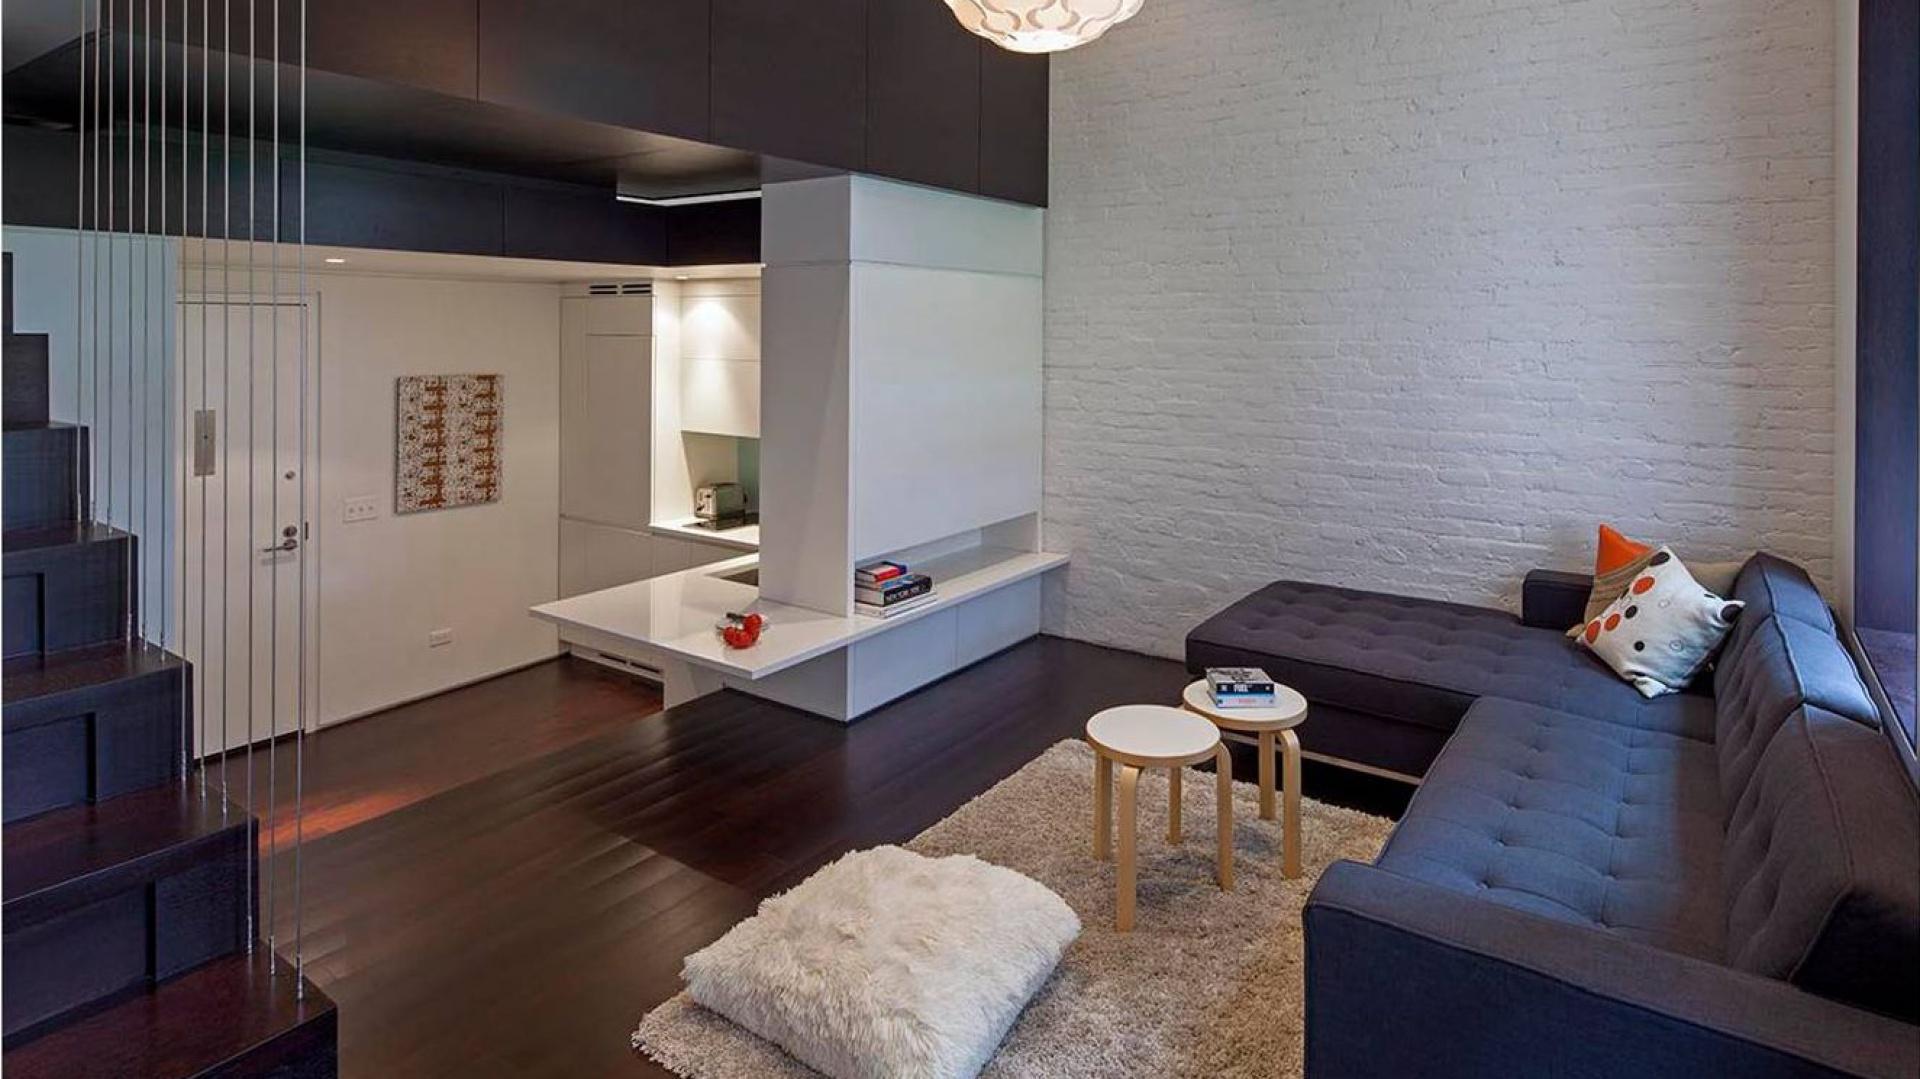 Na drugim poziomie urządzono niewielki salon z bezpośrednim widokiem na mini-kuchnię i wejście do mieszkania. Mimo ograniczonej przestrzeni udało się tutaj wpasować całkiem spory narożnik, przytulny dywan i poduchę-siedzisko. Projekt: Specht Harpman. Fot. Zdjęcia: Taggart Sorenson.